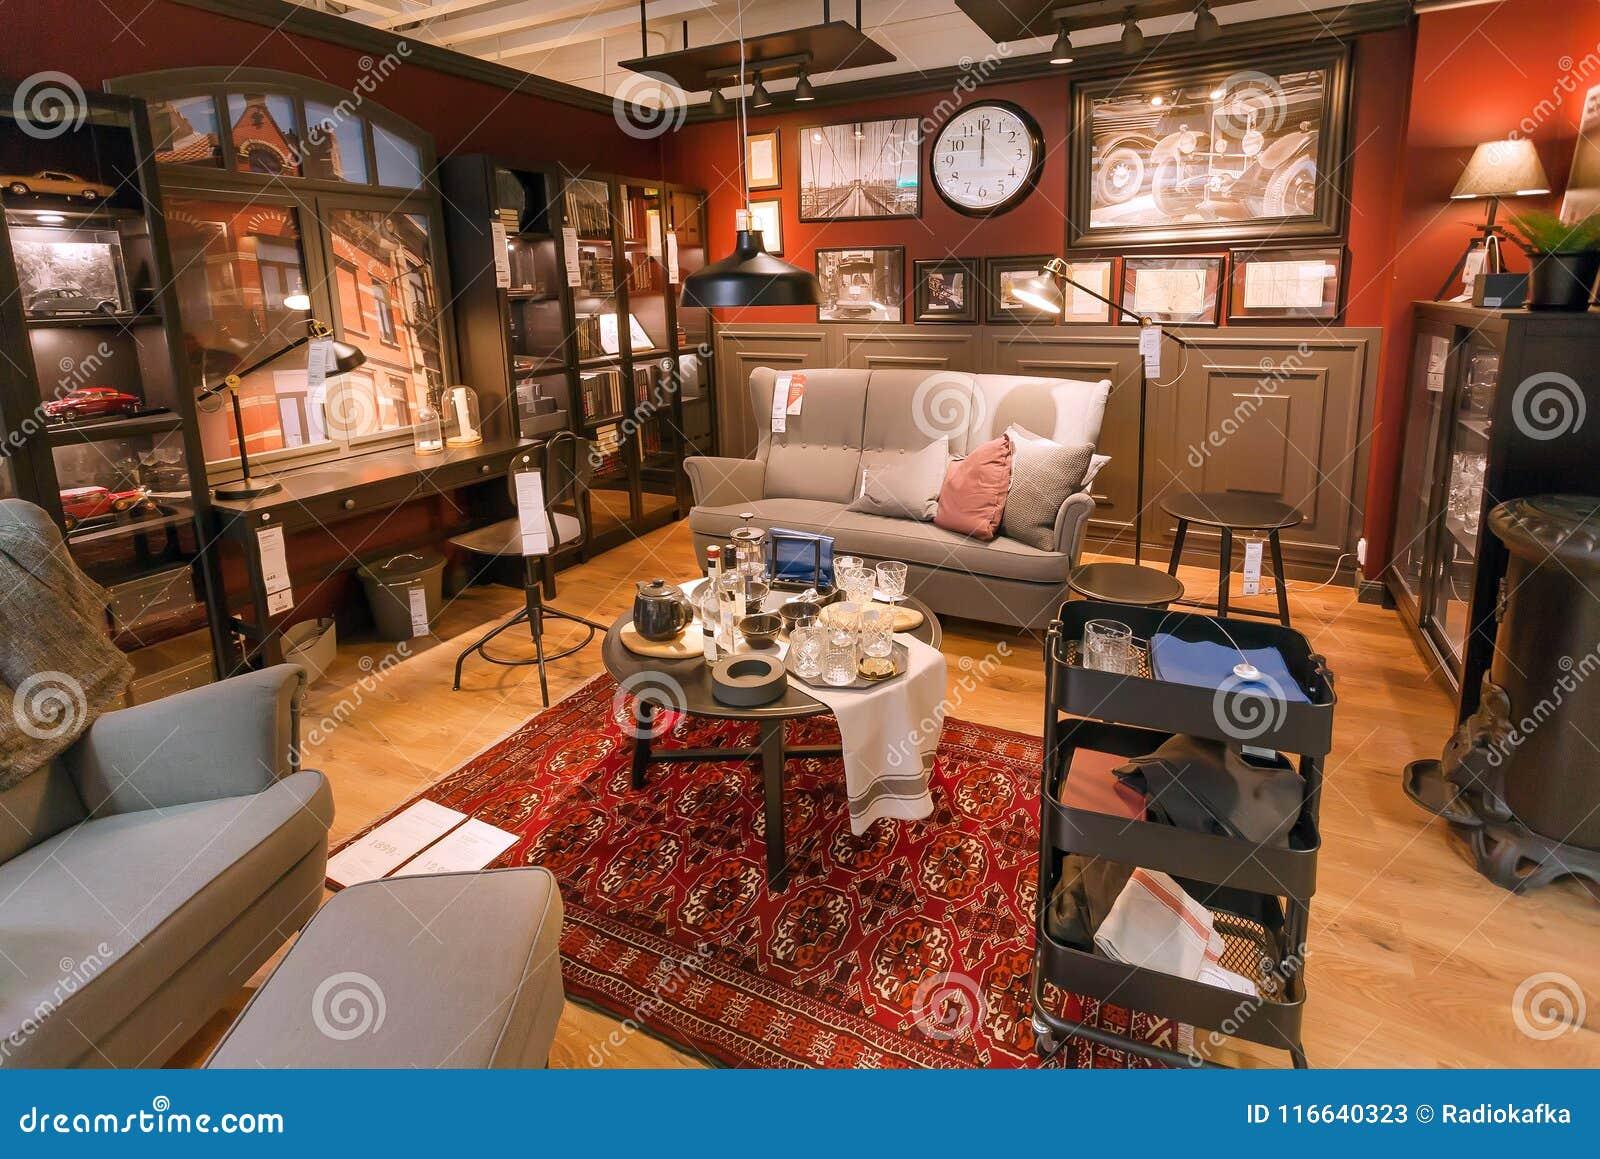 Interno Del Salone Lmodern Nel Grande Deposito Di Ikea Con Mobilia